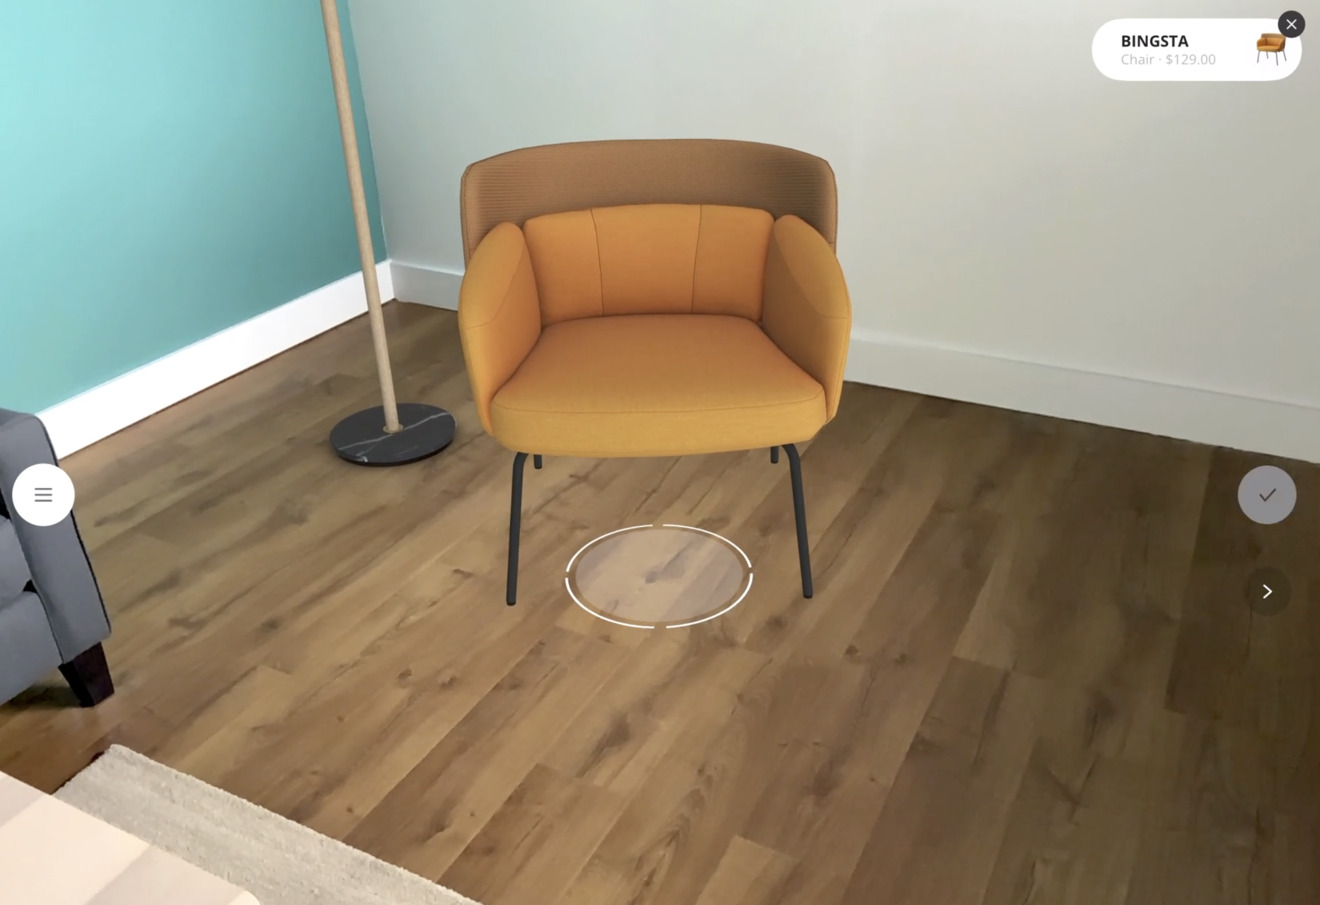 Ikea AR